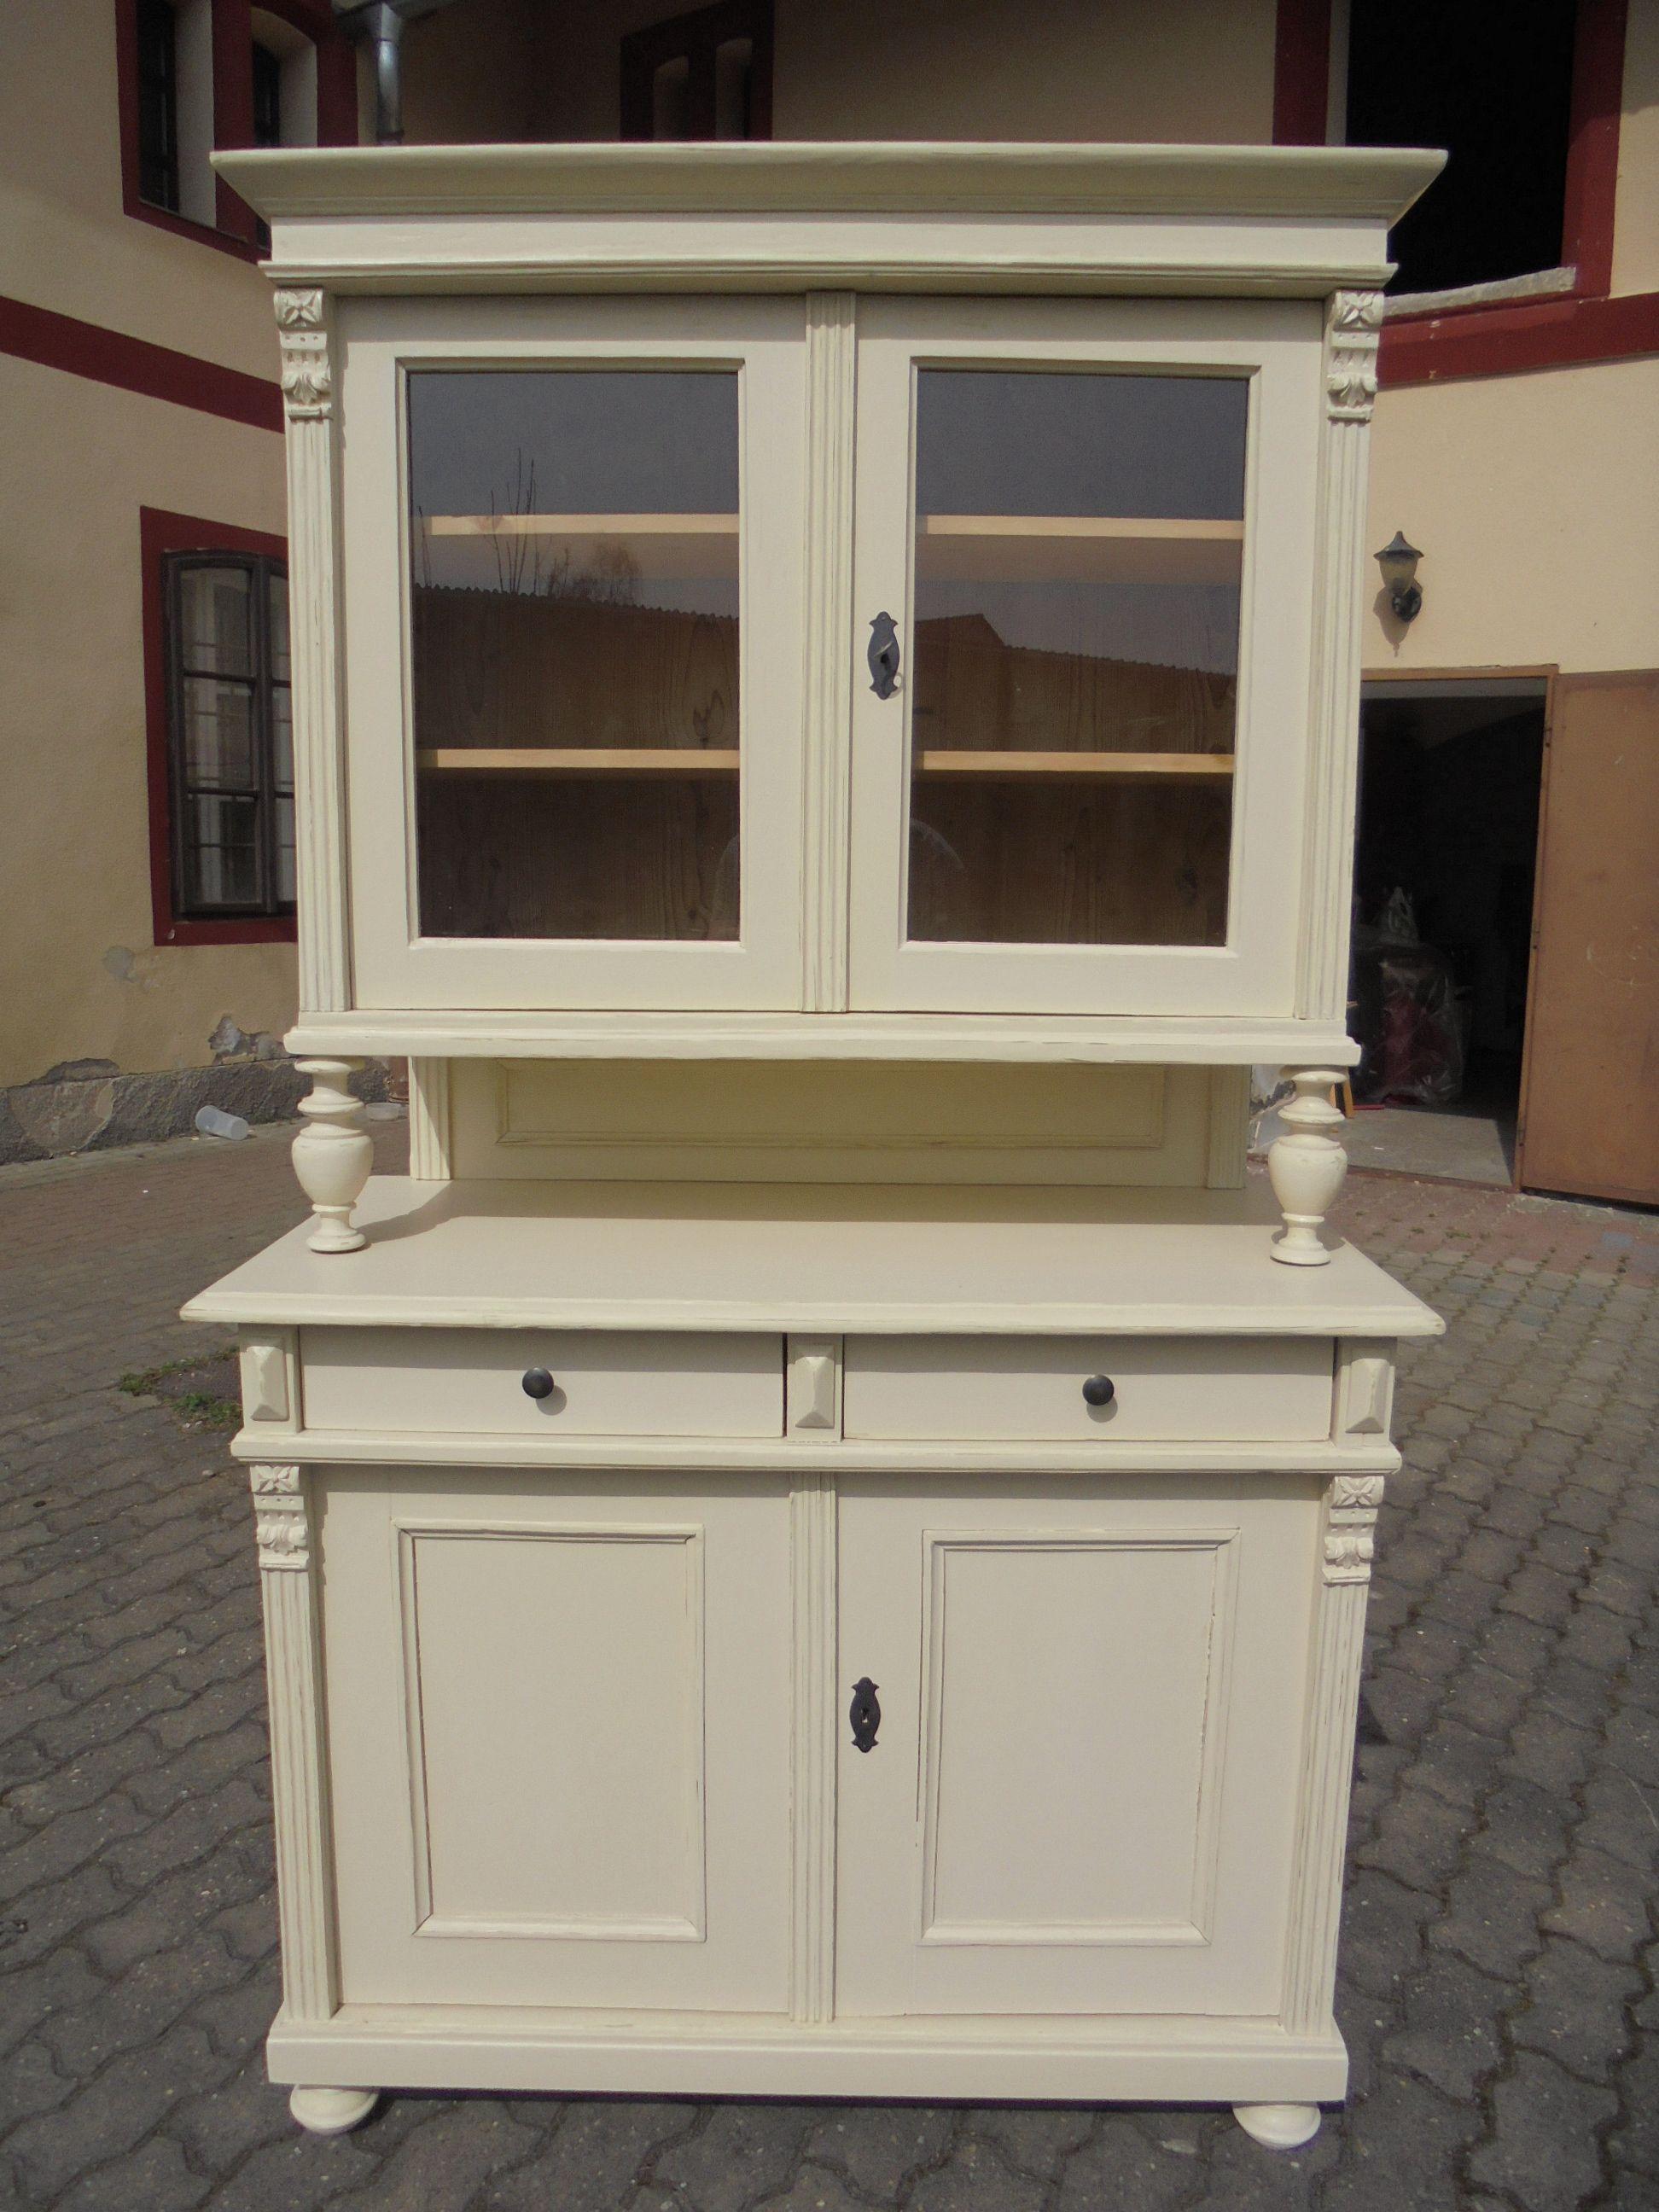 Kredenz Weiss Landhausmöbel 2 Diy Kitchen Cabinets Build Shabby Chic Kitchen Modern Cabinets